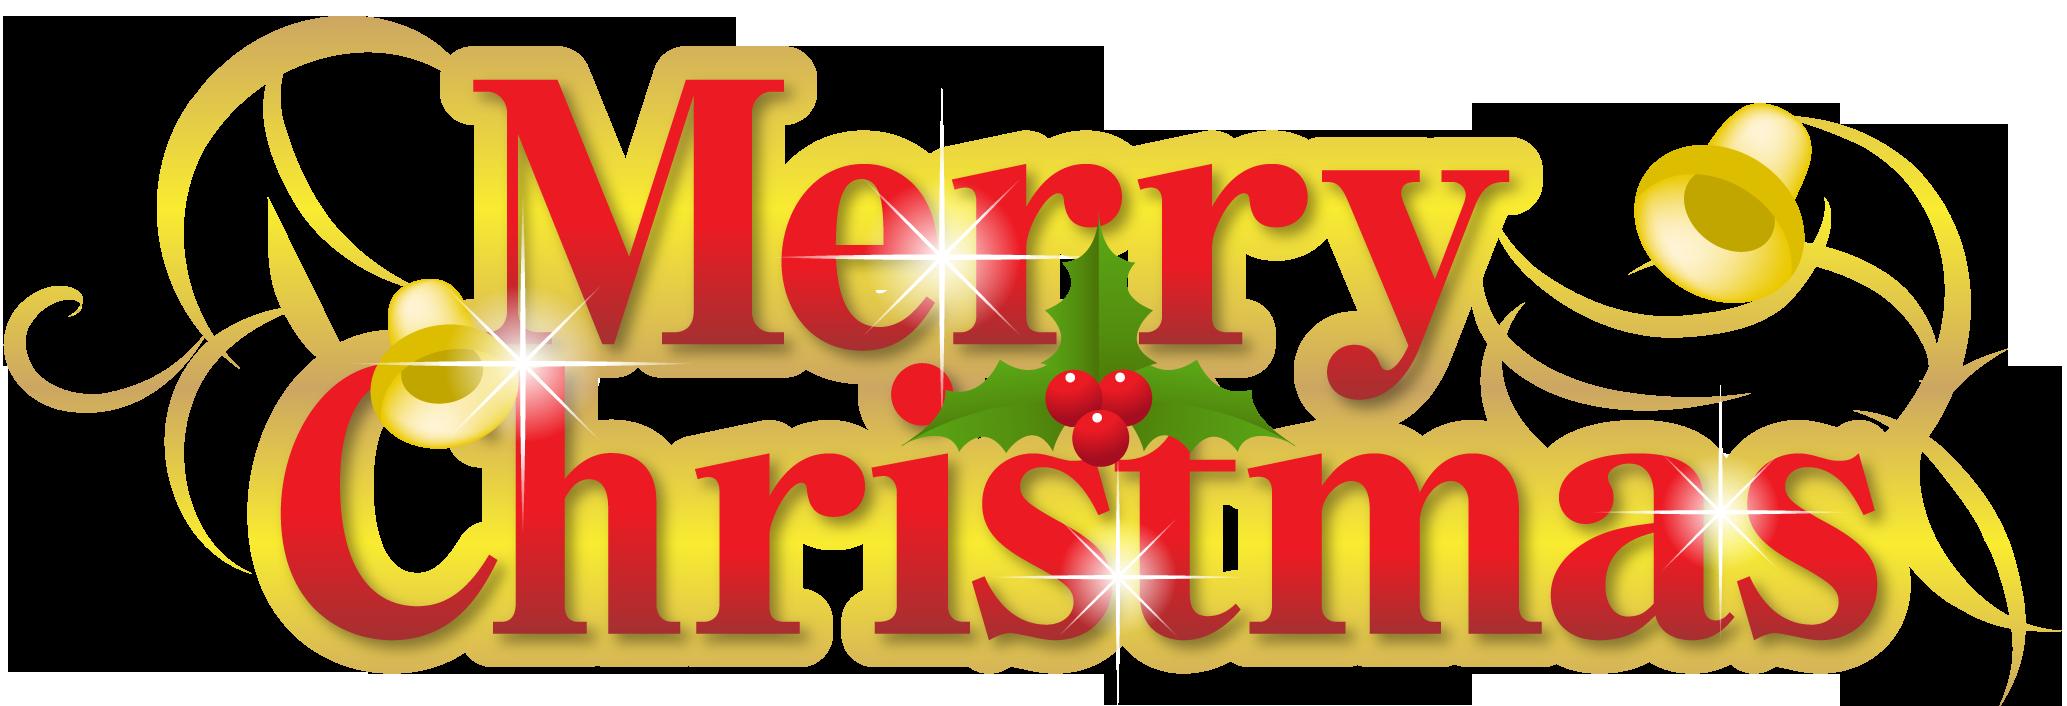 「クリスマス フリー素材」の画像検索結果